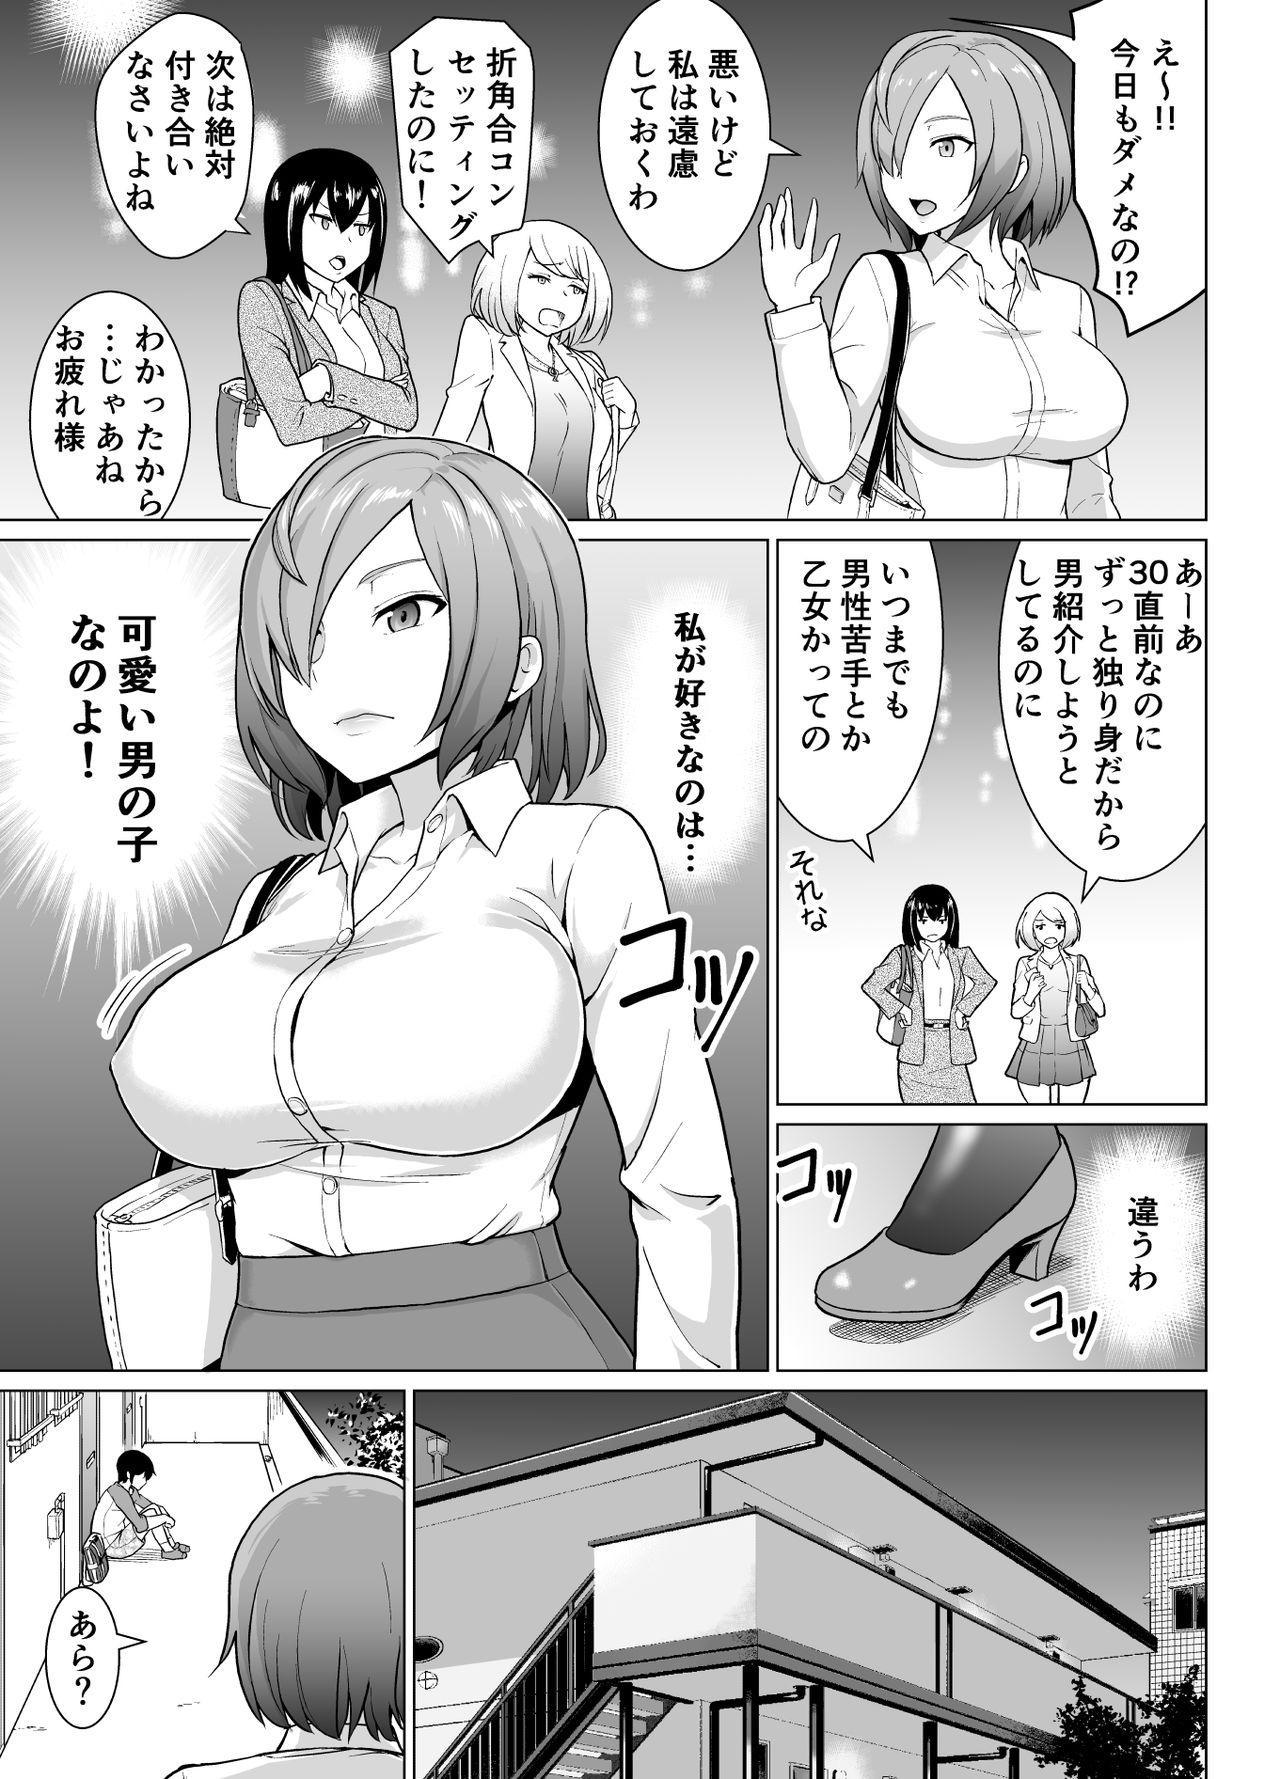 Boku to Tonari no Shojo Onee-san 1